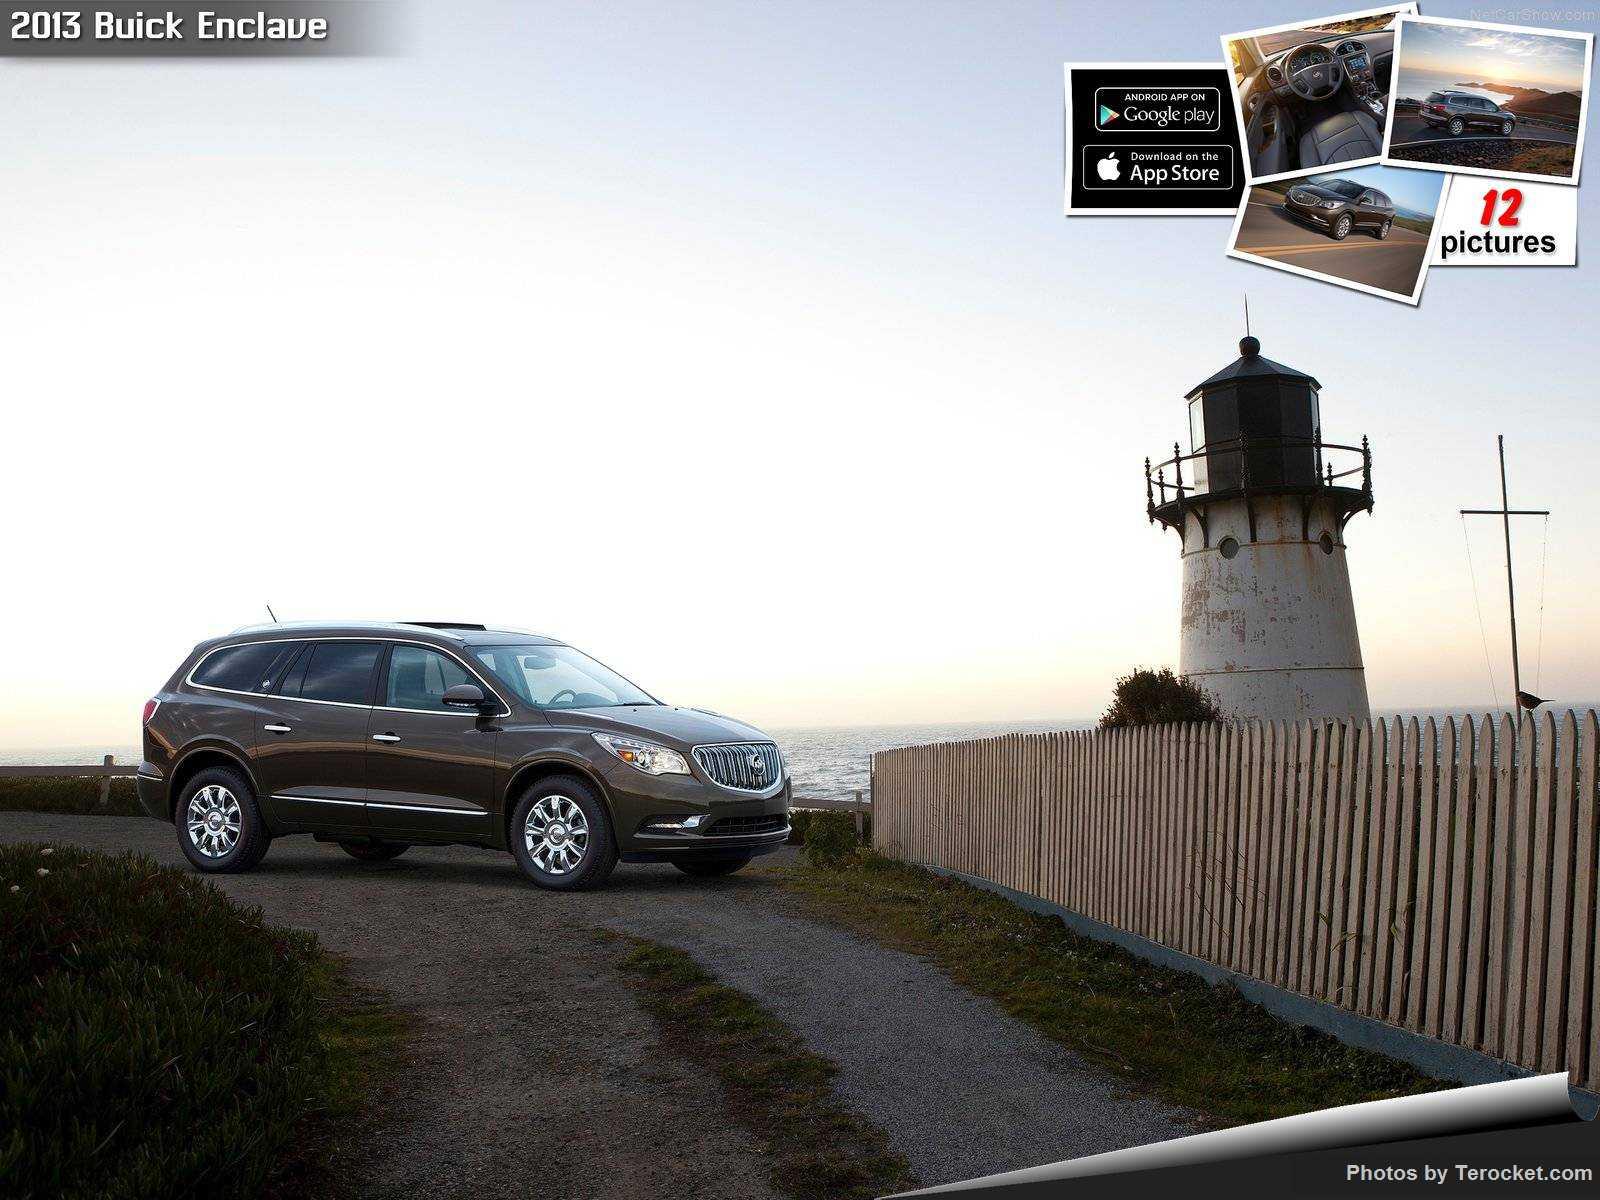 Hình ảnh xe ô tô Buick Enclave 2013 & nội ngoại thất